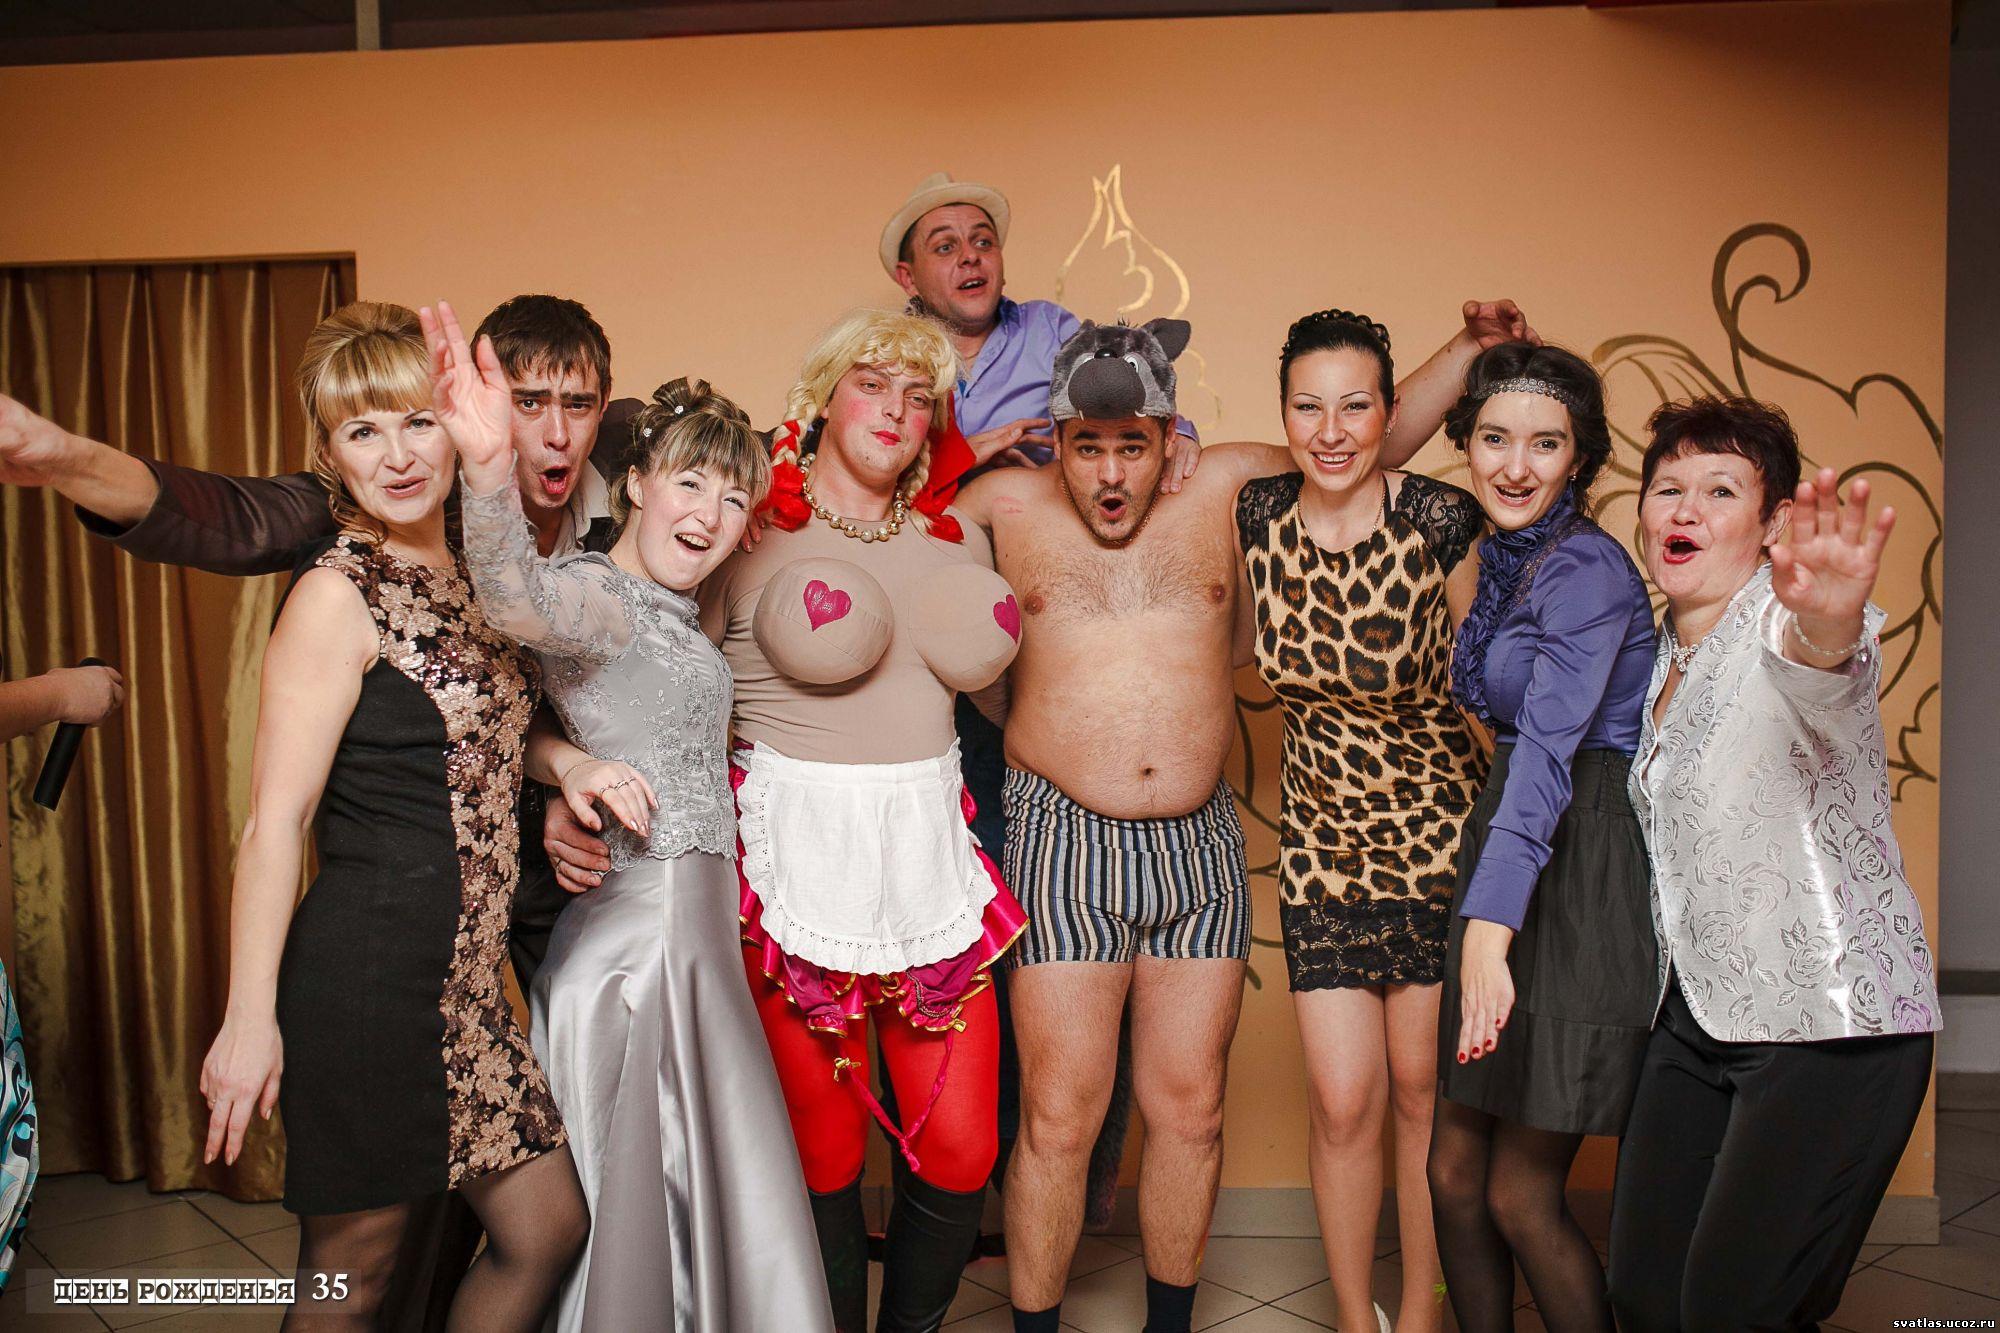 веселые застольные конкурсы на юбилей 55 лет пеноплекса пол под